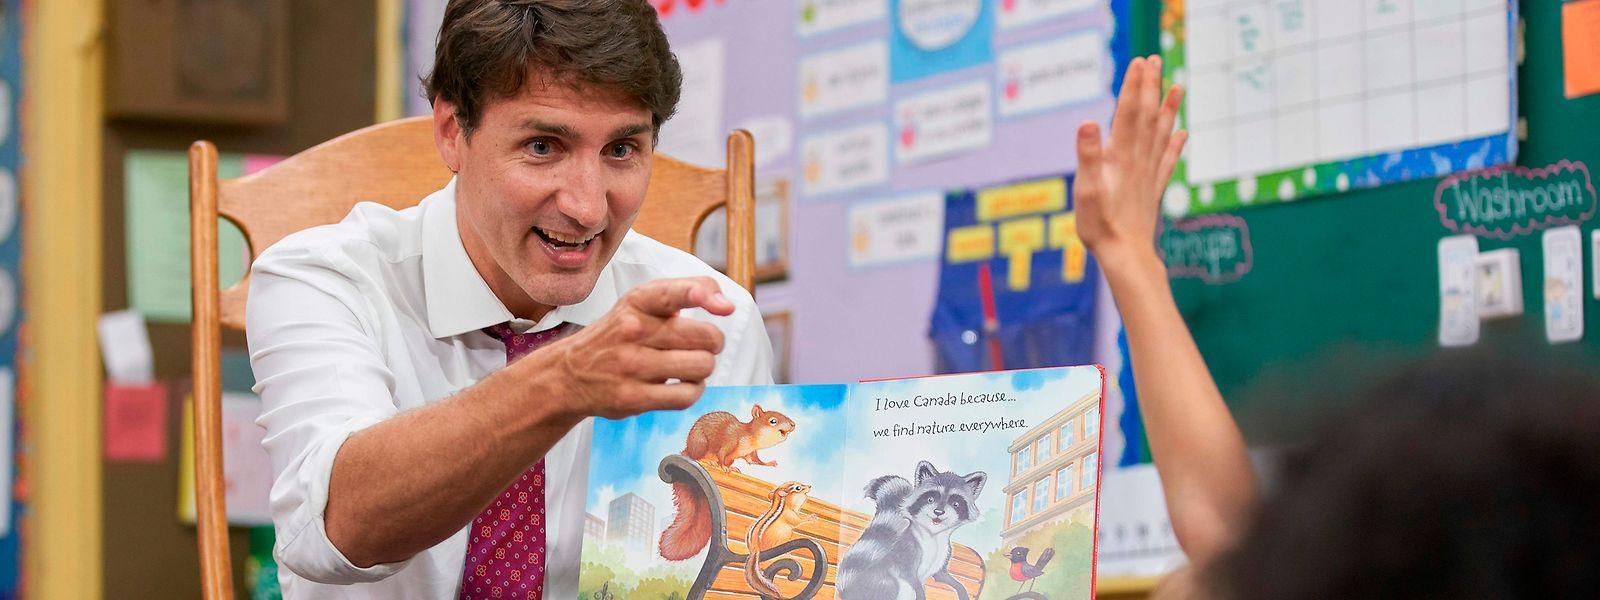 Le Premier ministre canadien Justin Trudeau est en campagne pour les législatives du 21 octobre.